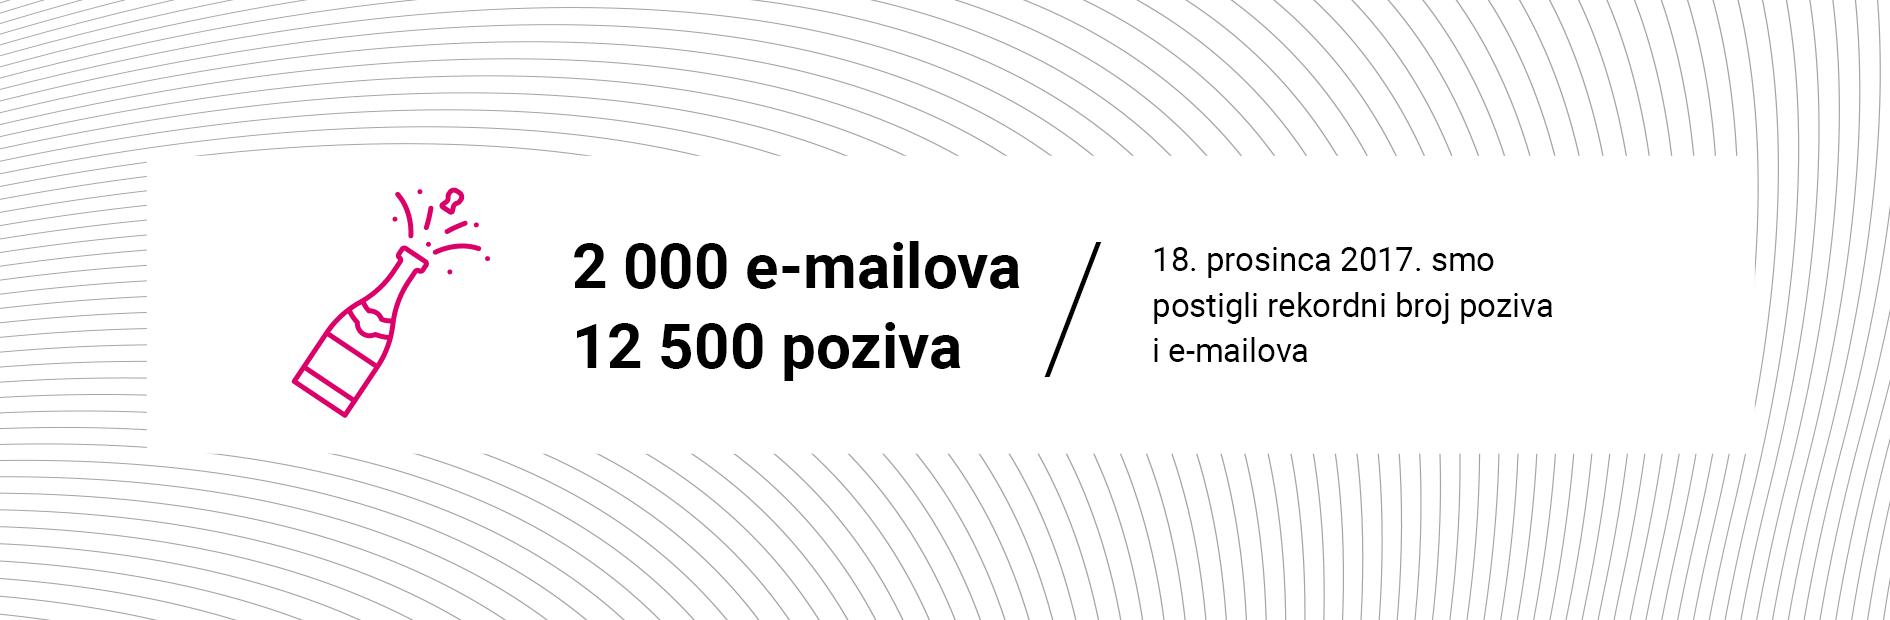 Around 12 500 phone calls a day